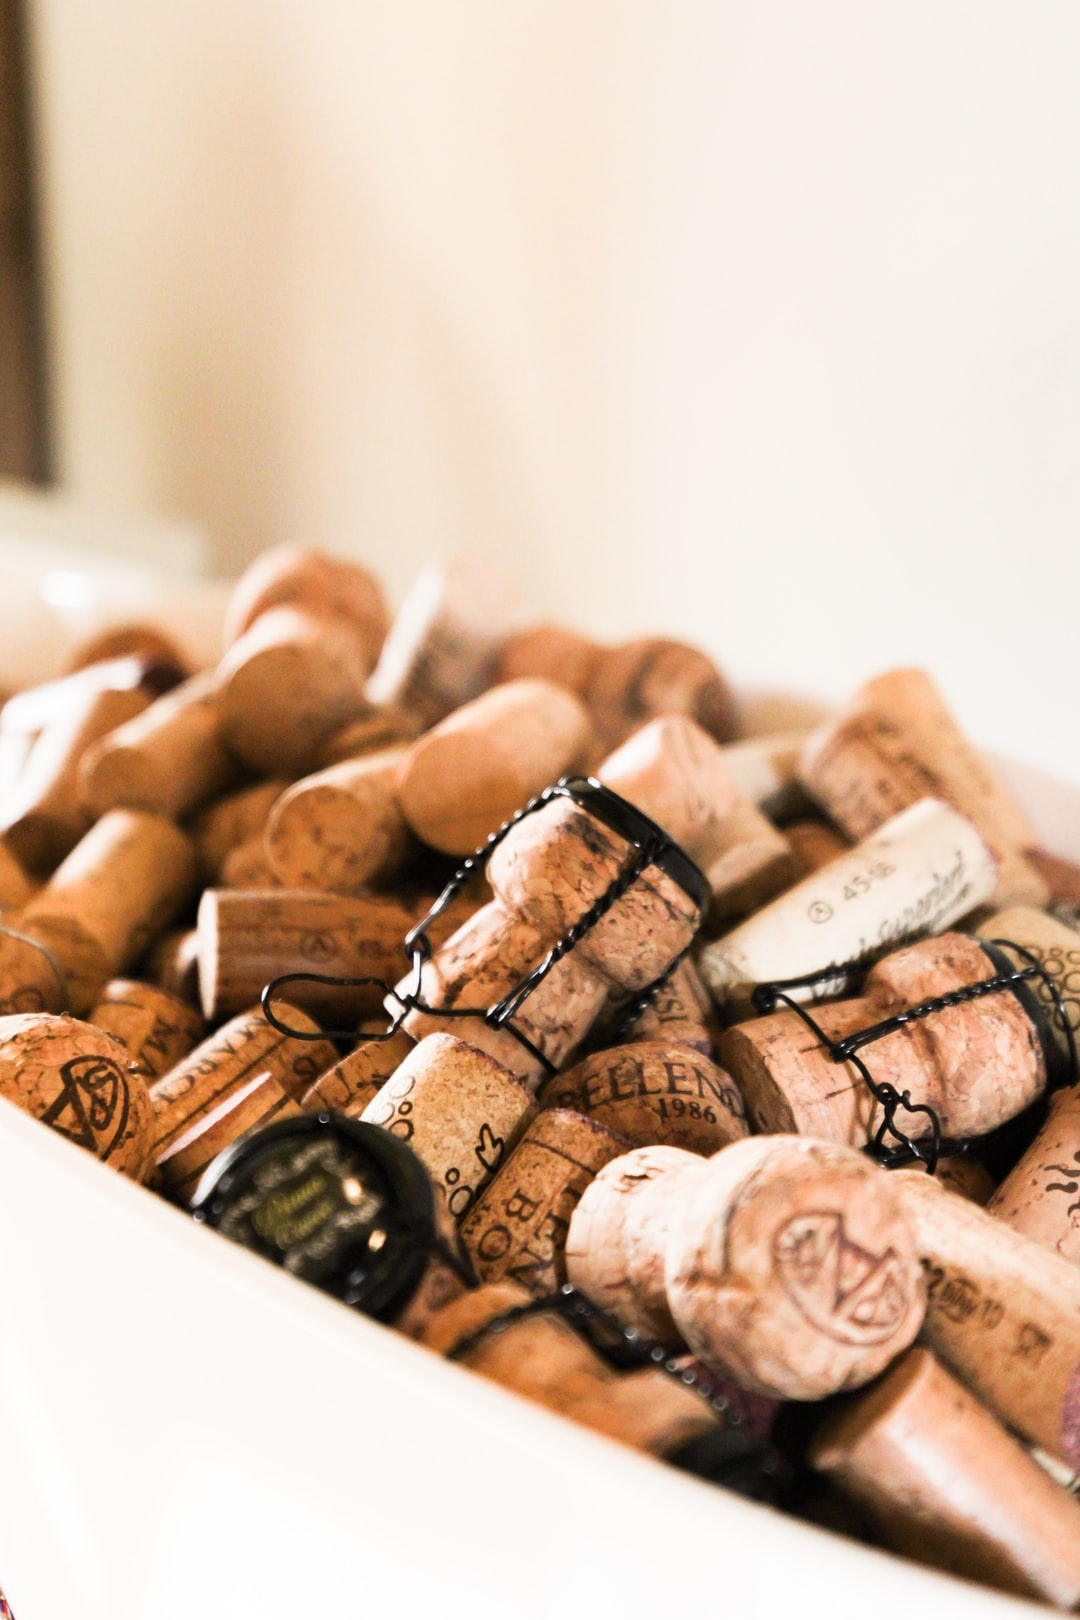 Cork in a wine bar